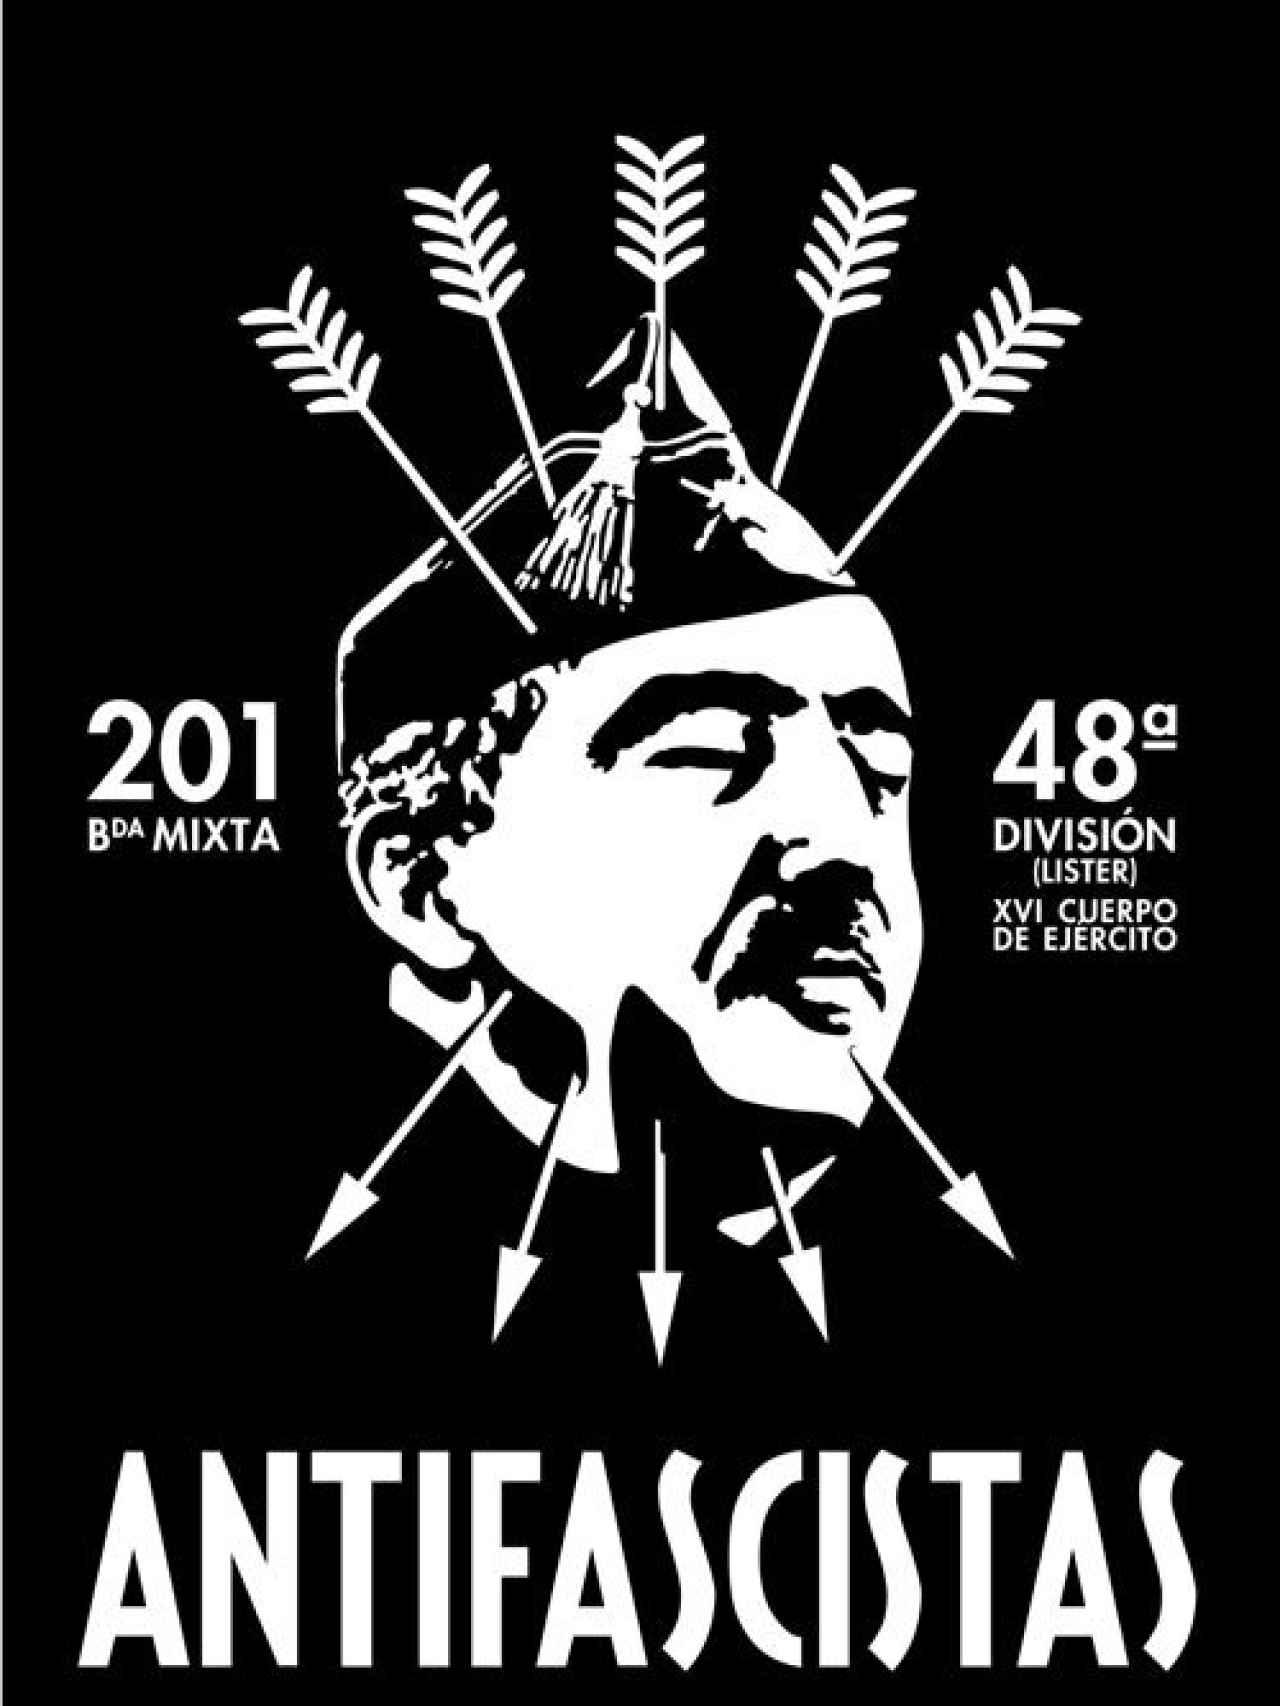 Proyecto antifascista: el arte se rebela contra Franco. Por Noaz.